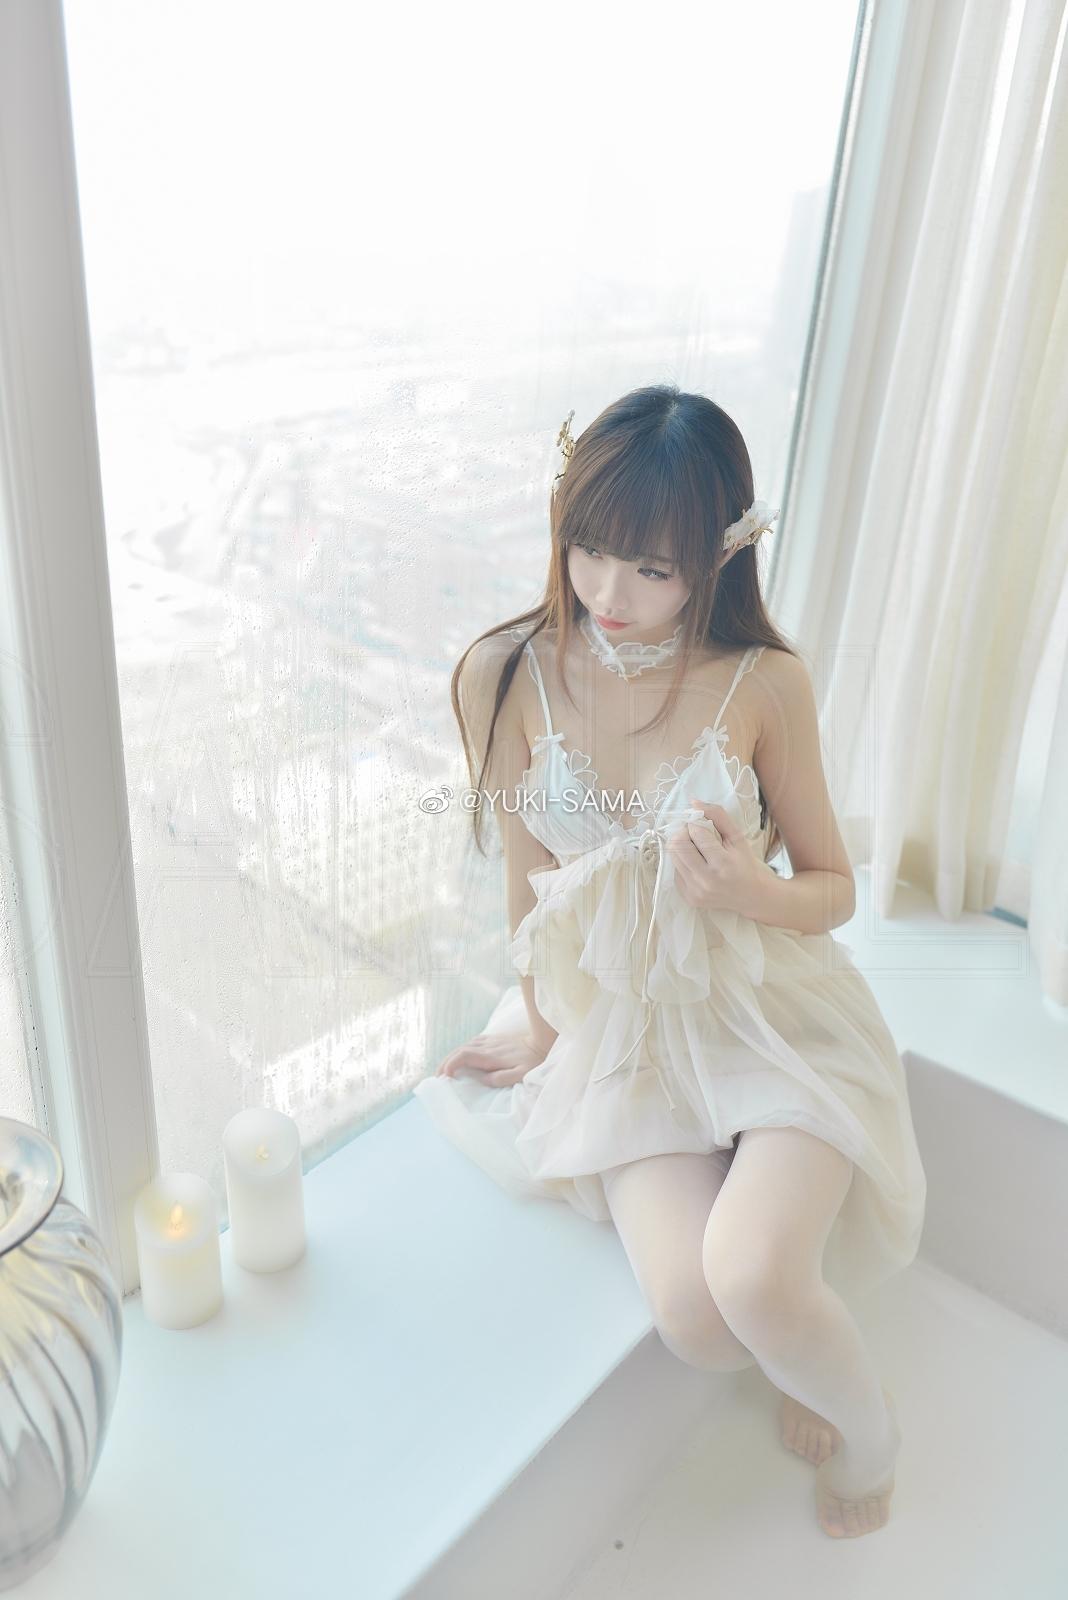 雪琪SAMA的淫纹白丝吊带袜(8P)